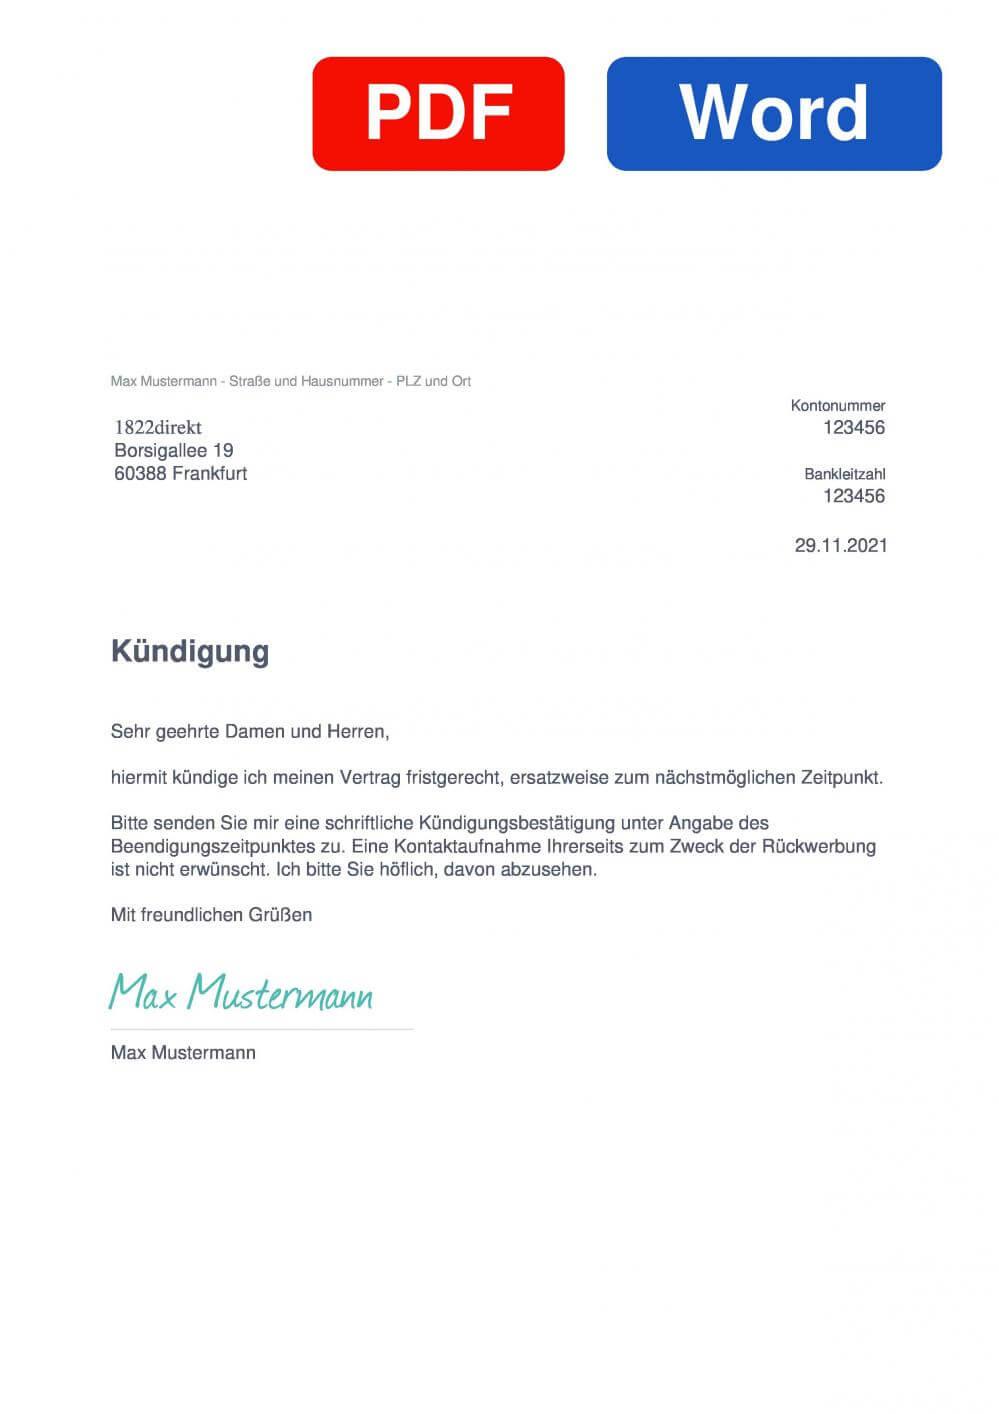 1822direkt Muster Vorlage für Kündigungsschreiben